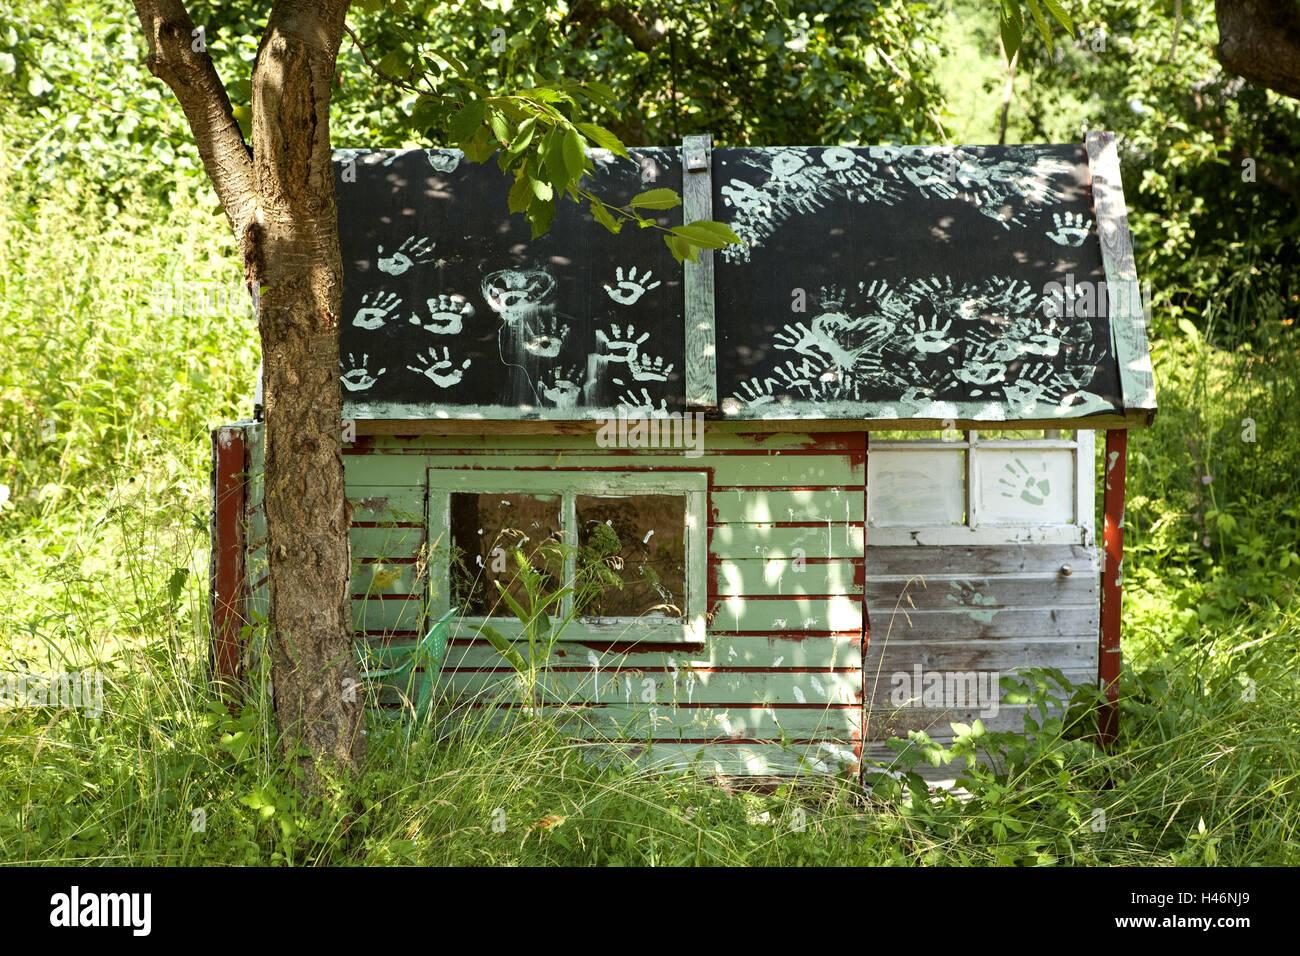 Jardin Maison Enfants Maison En Bois Cabane Cabane Jardin L